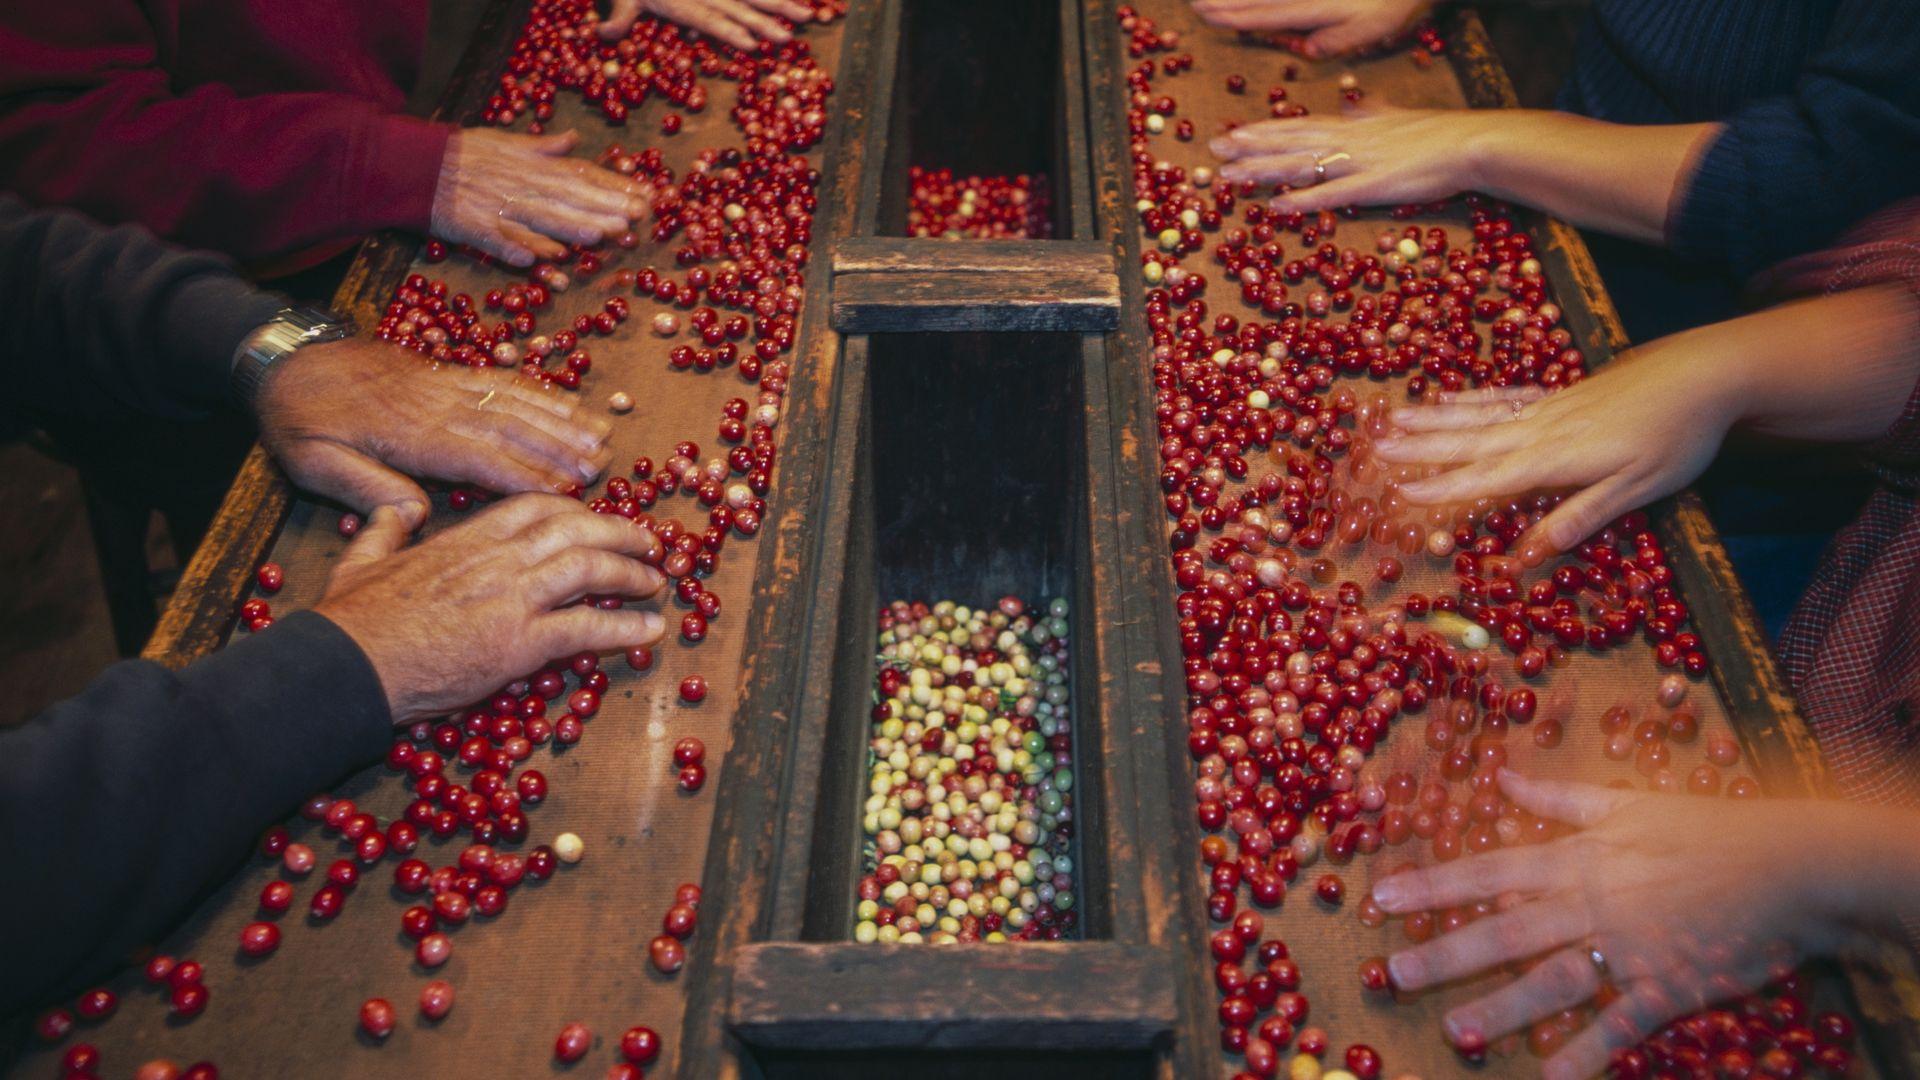 People sorting cranberries